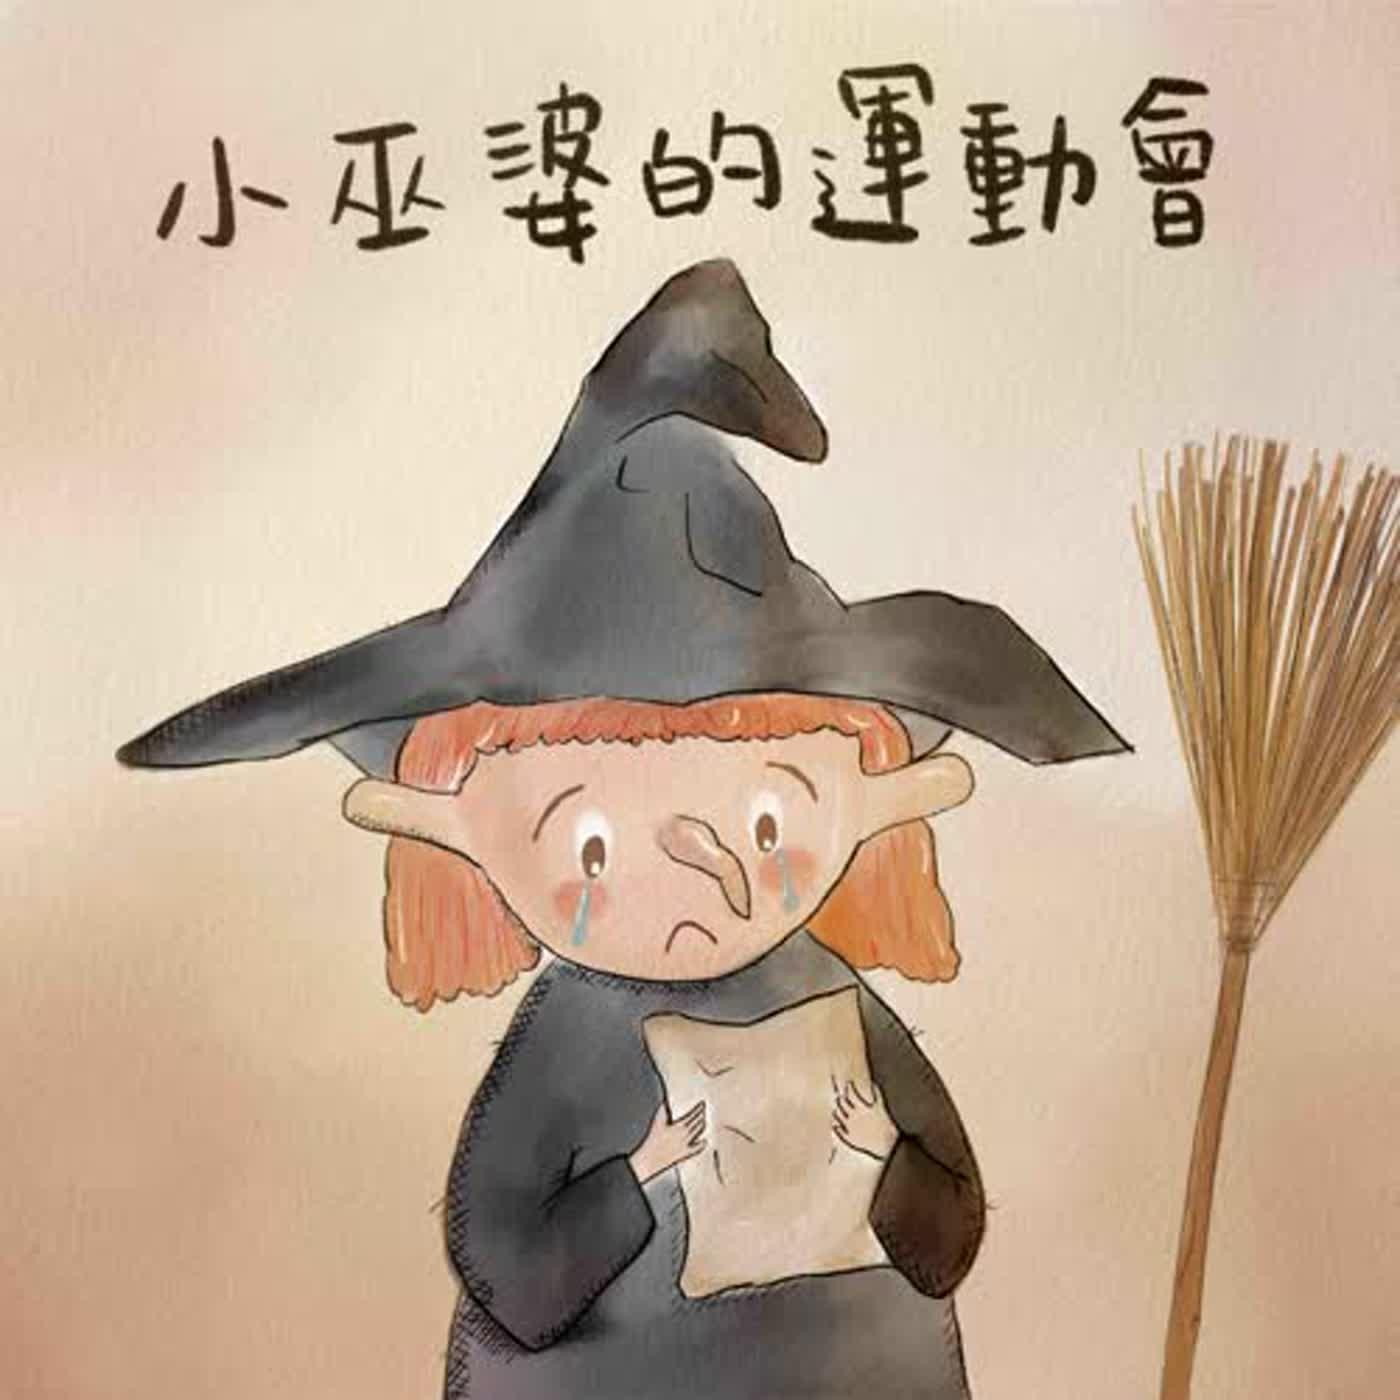 一起說故事 Vol.13:小巫婆的運動會